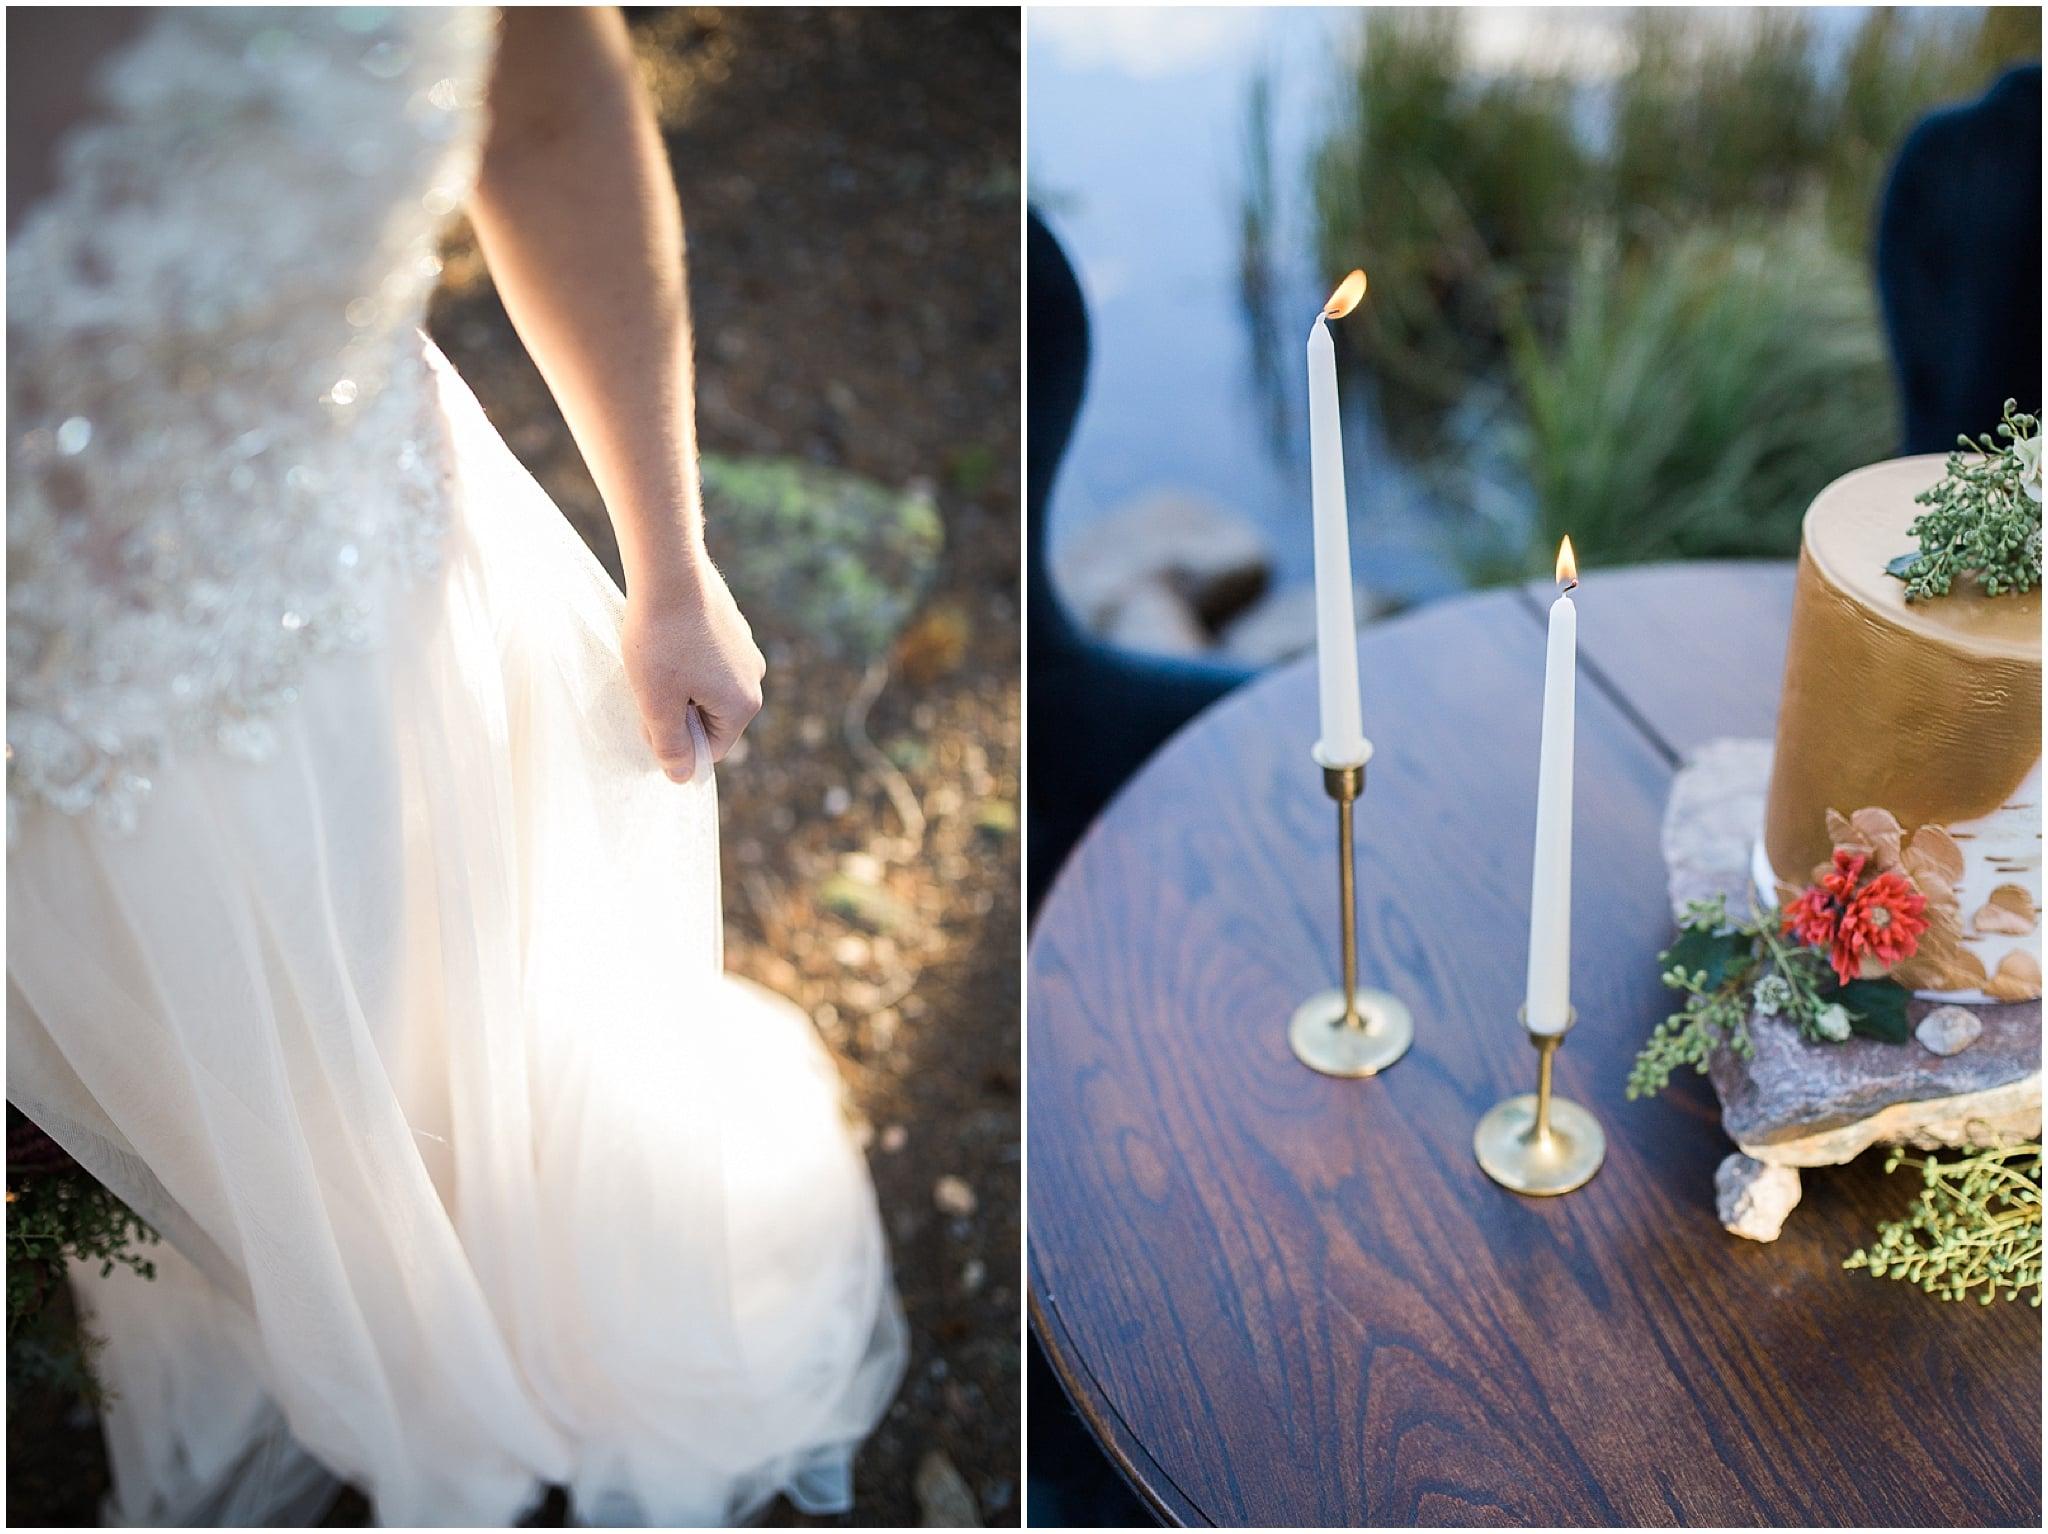 Colorado Mountain Wedding Photographer - romantic candle wedding